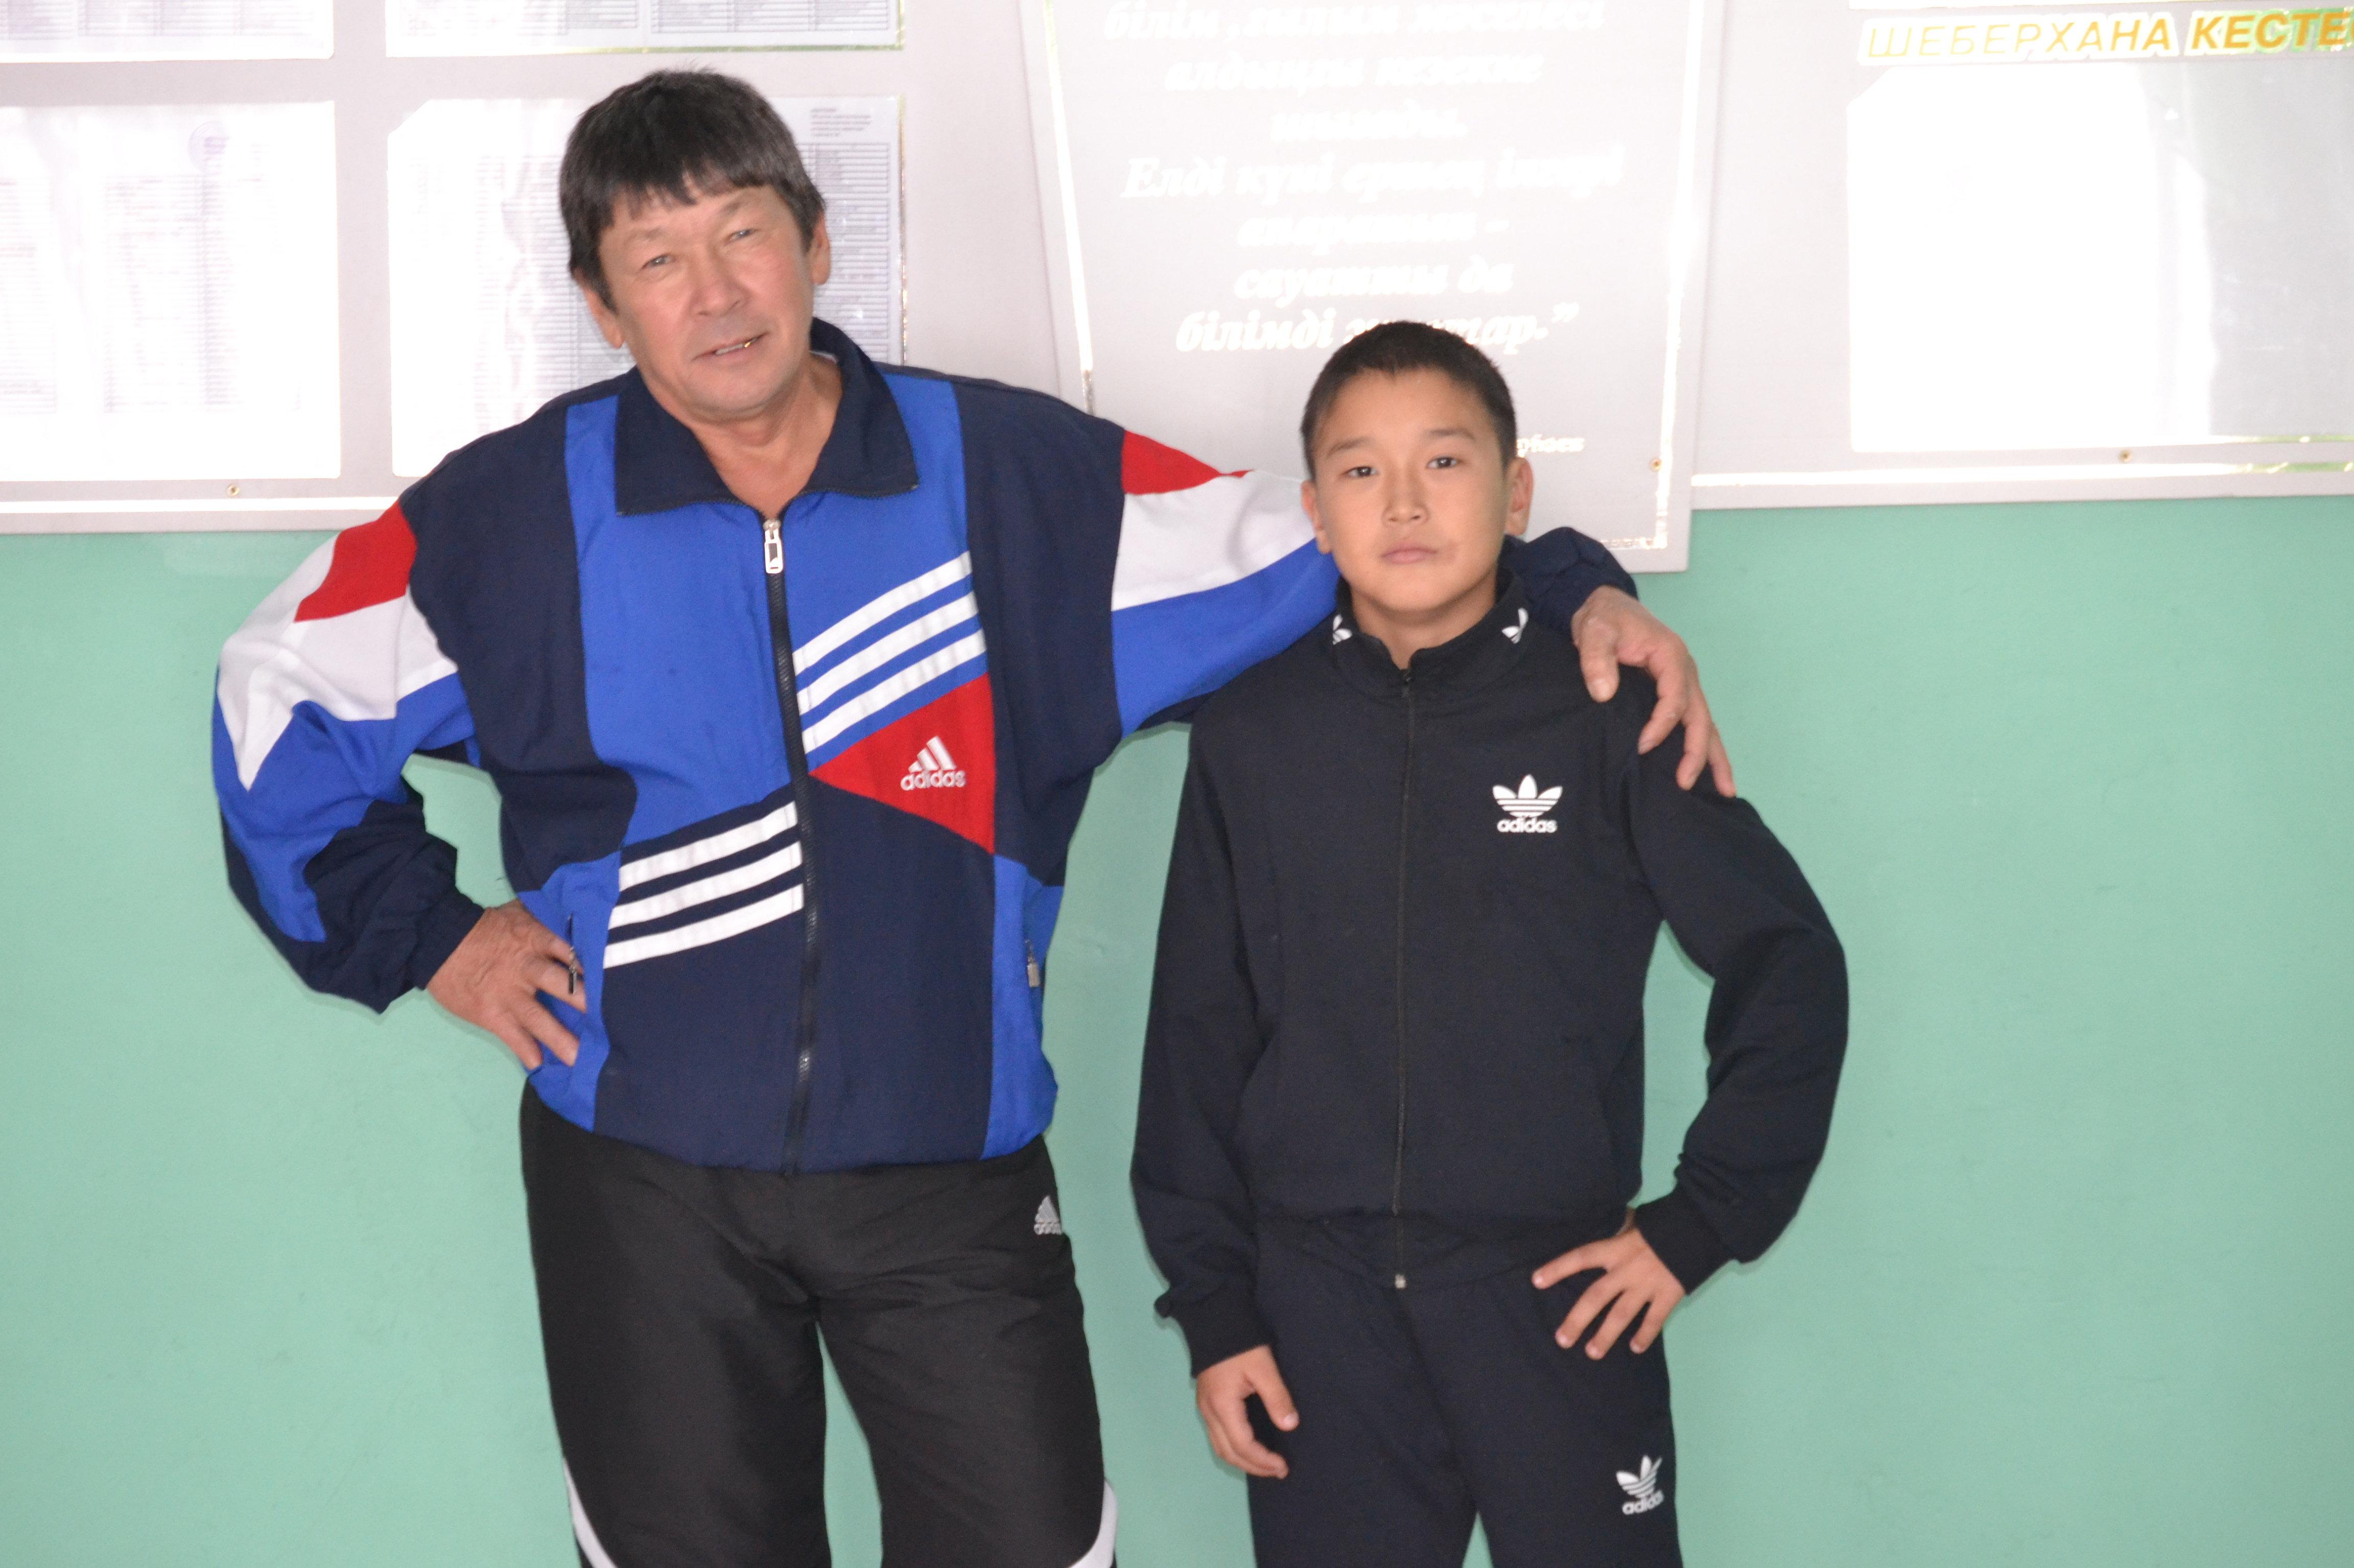 Айбатыр Мурзабеков и его тренер Нурлан Дакишев